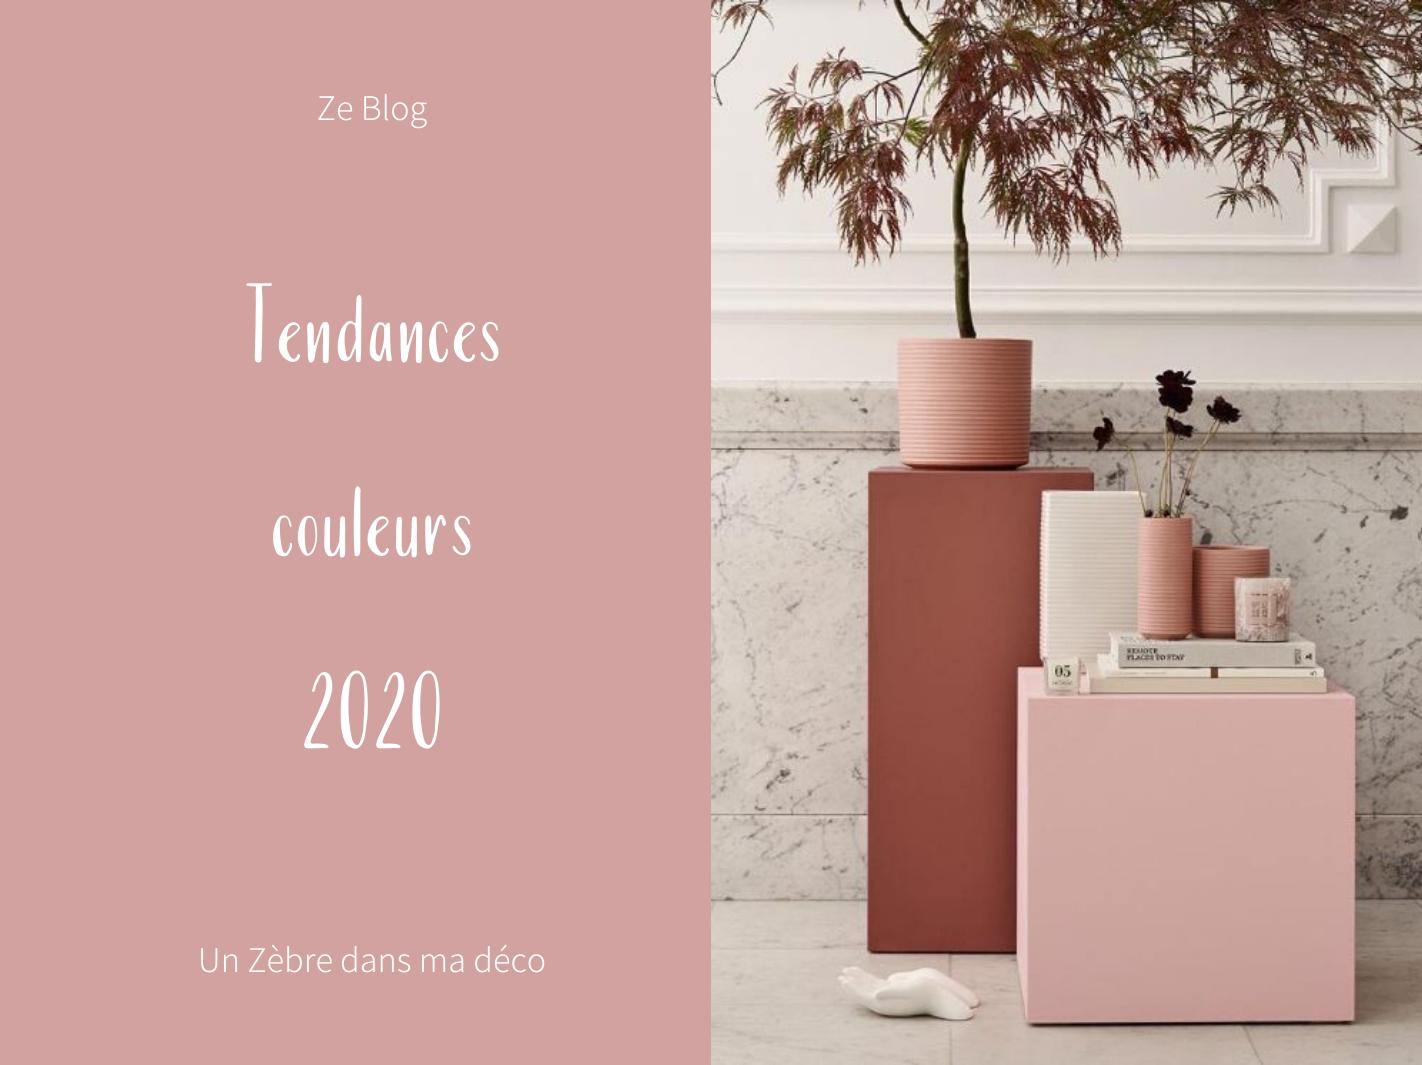 Les Tendances couleurs 2020